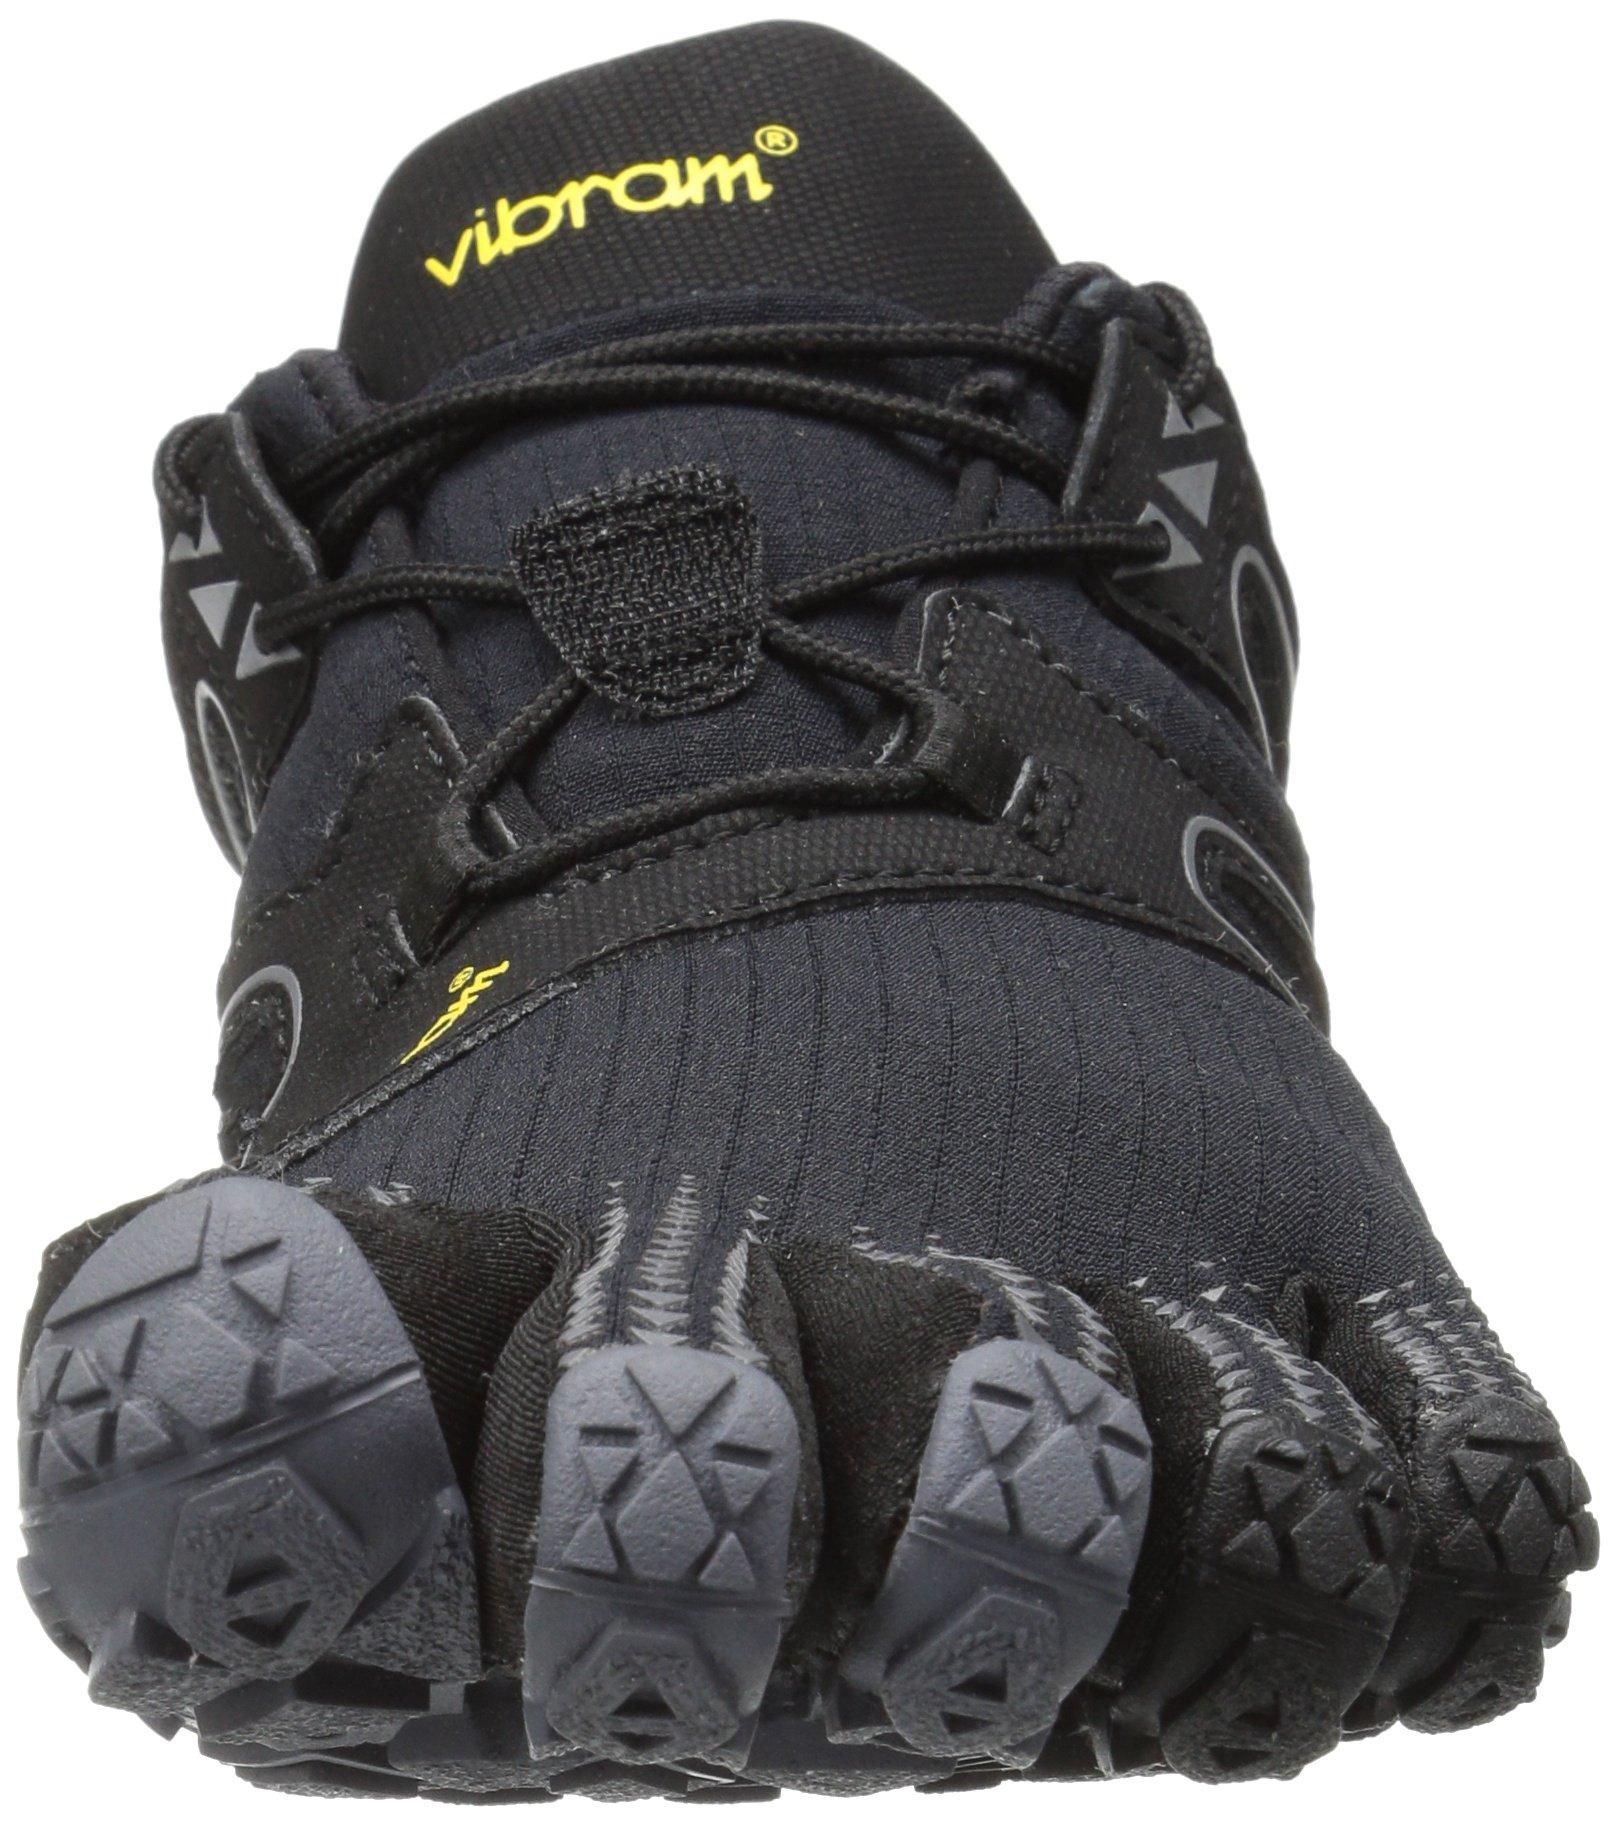 Vibram Women's V Trail Runner Black/Grey 35 EU/5.5 M US by Vibram (Image #4)